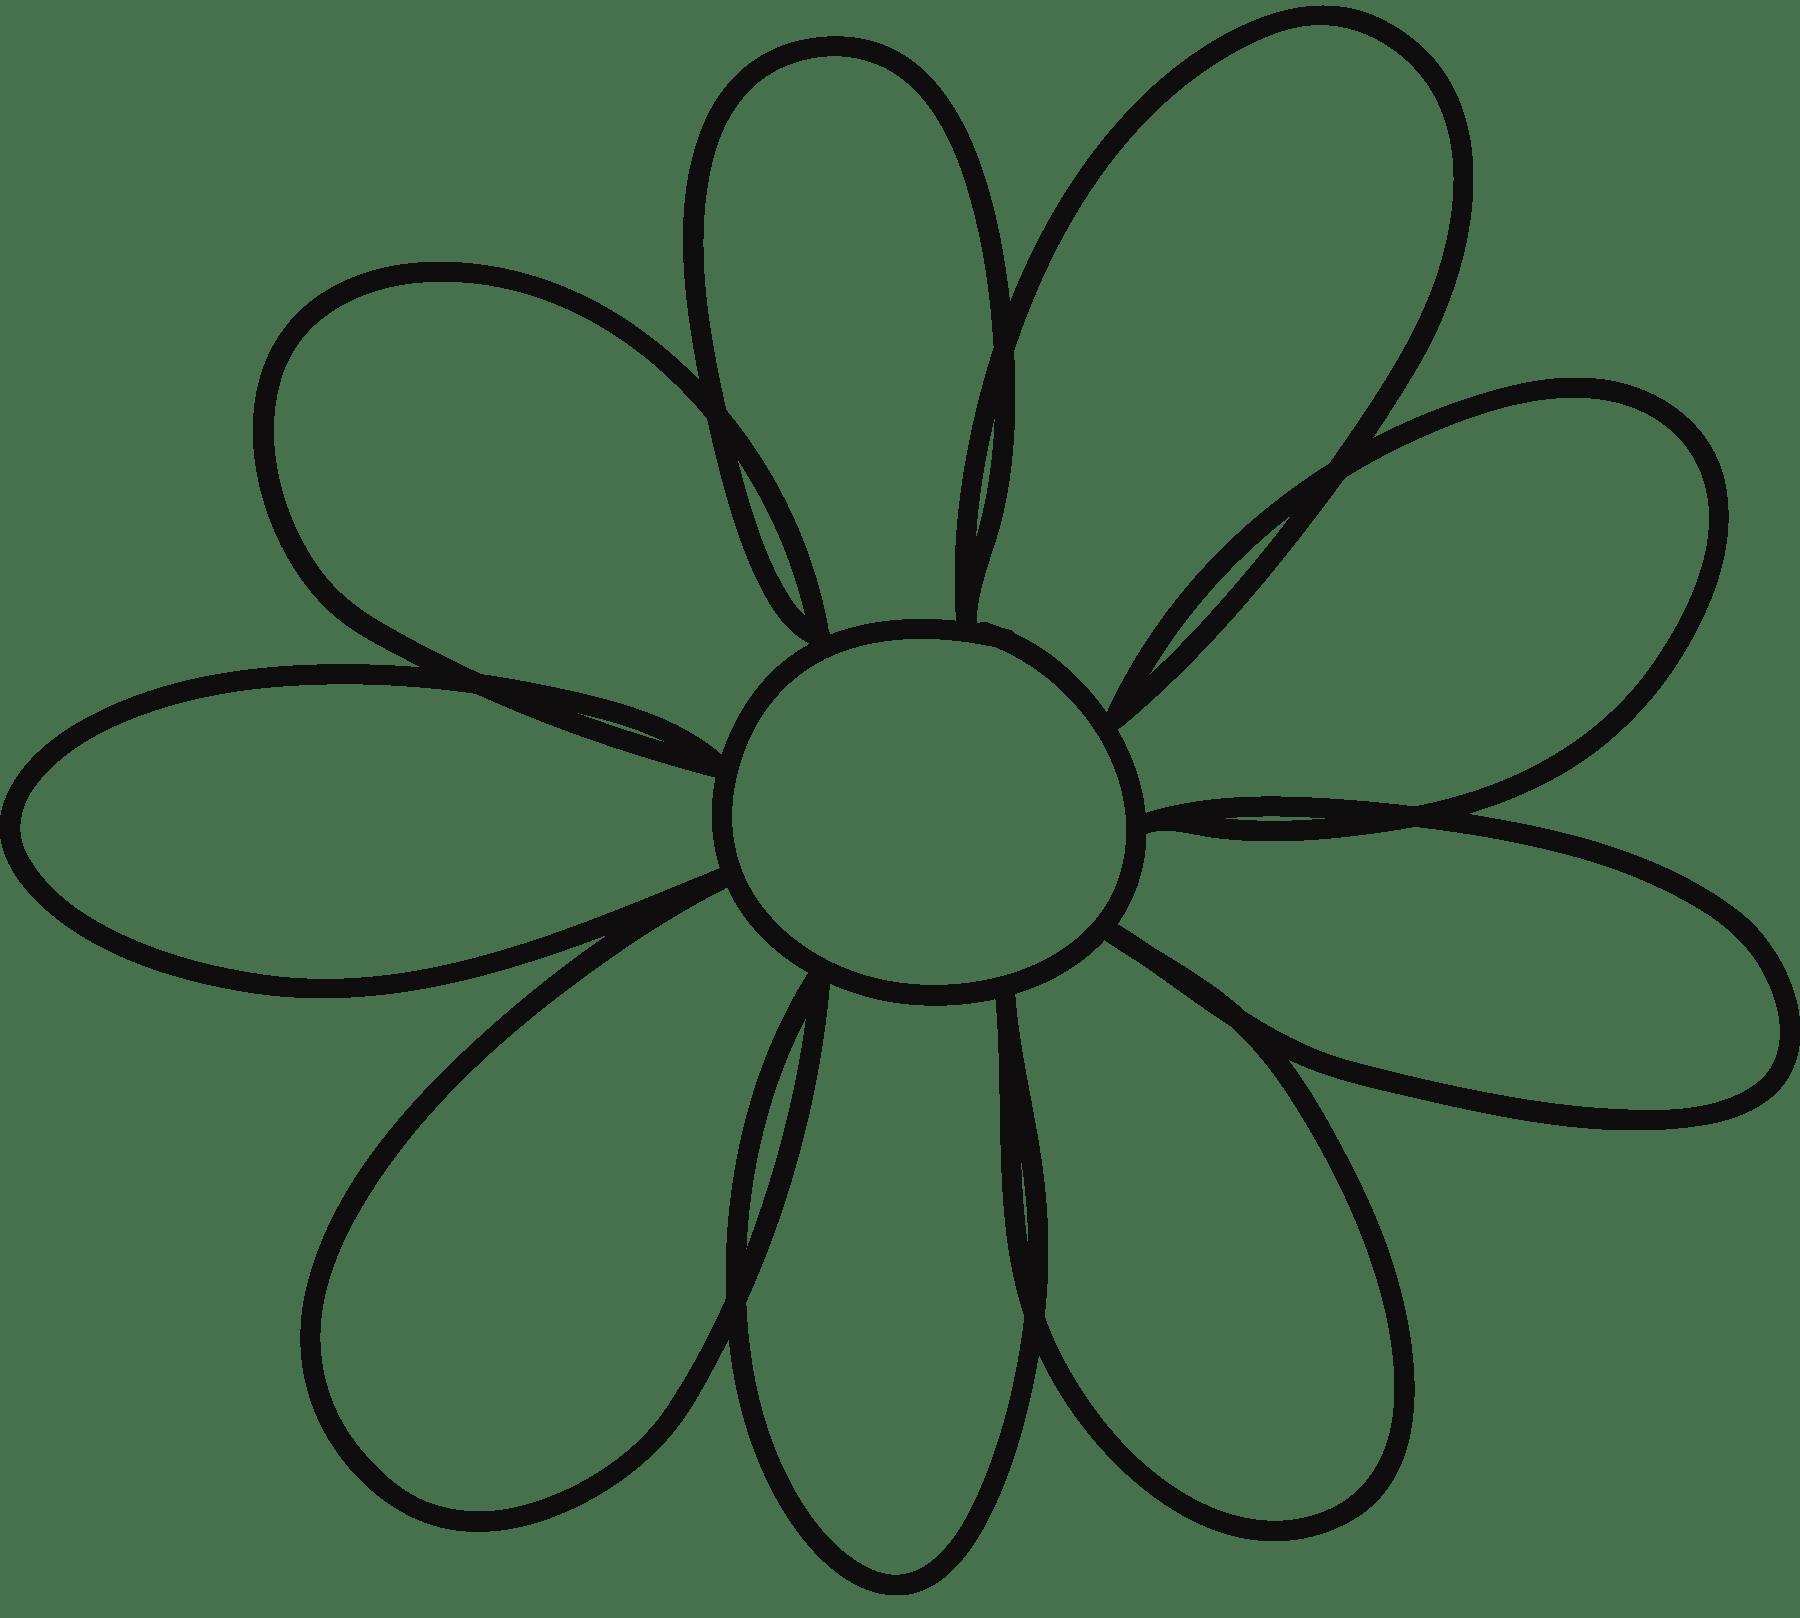 Flower Clip Art Free Stencil